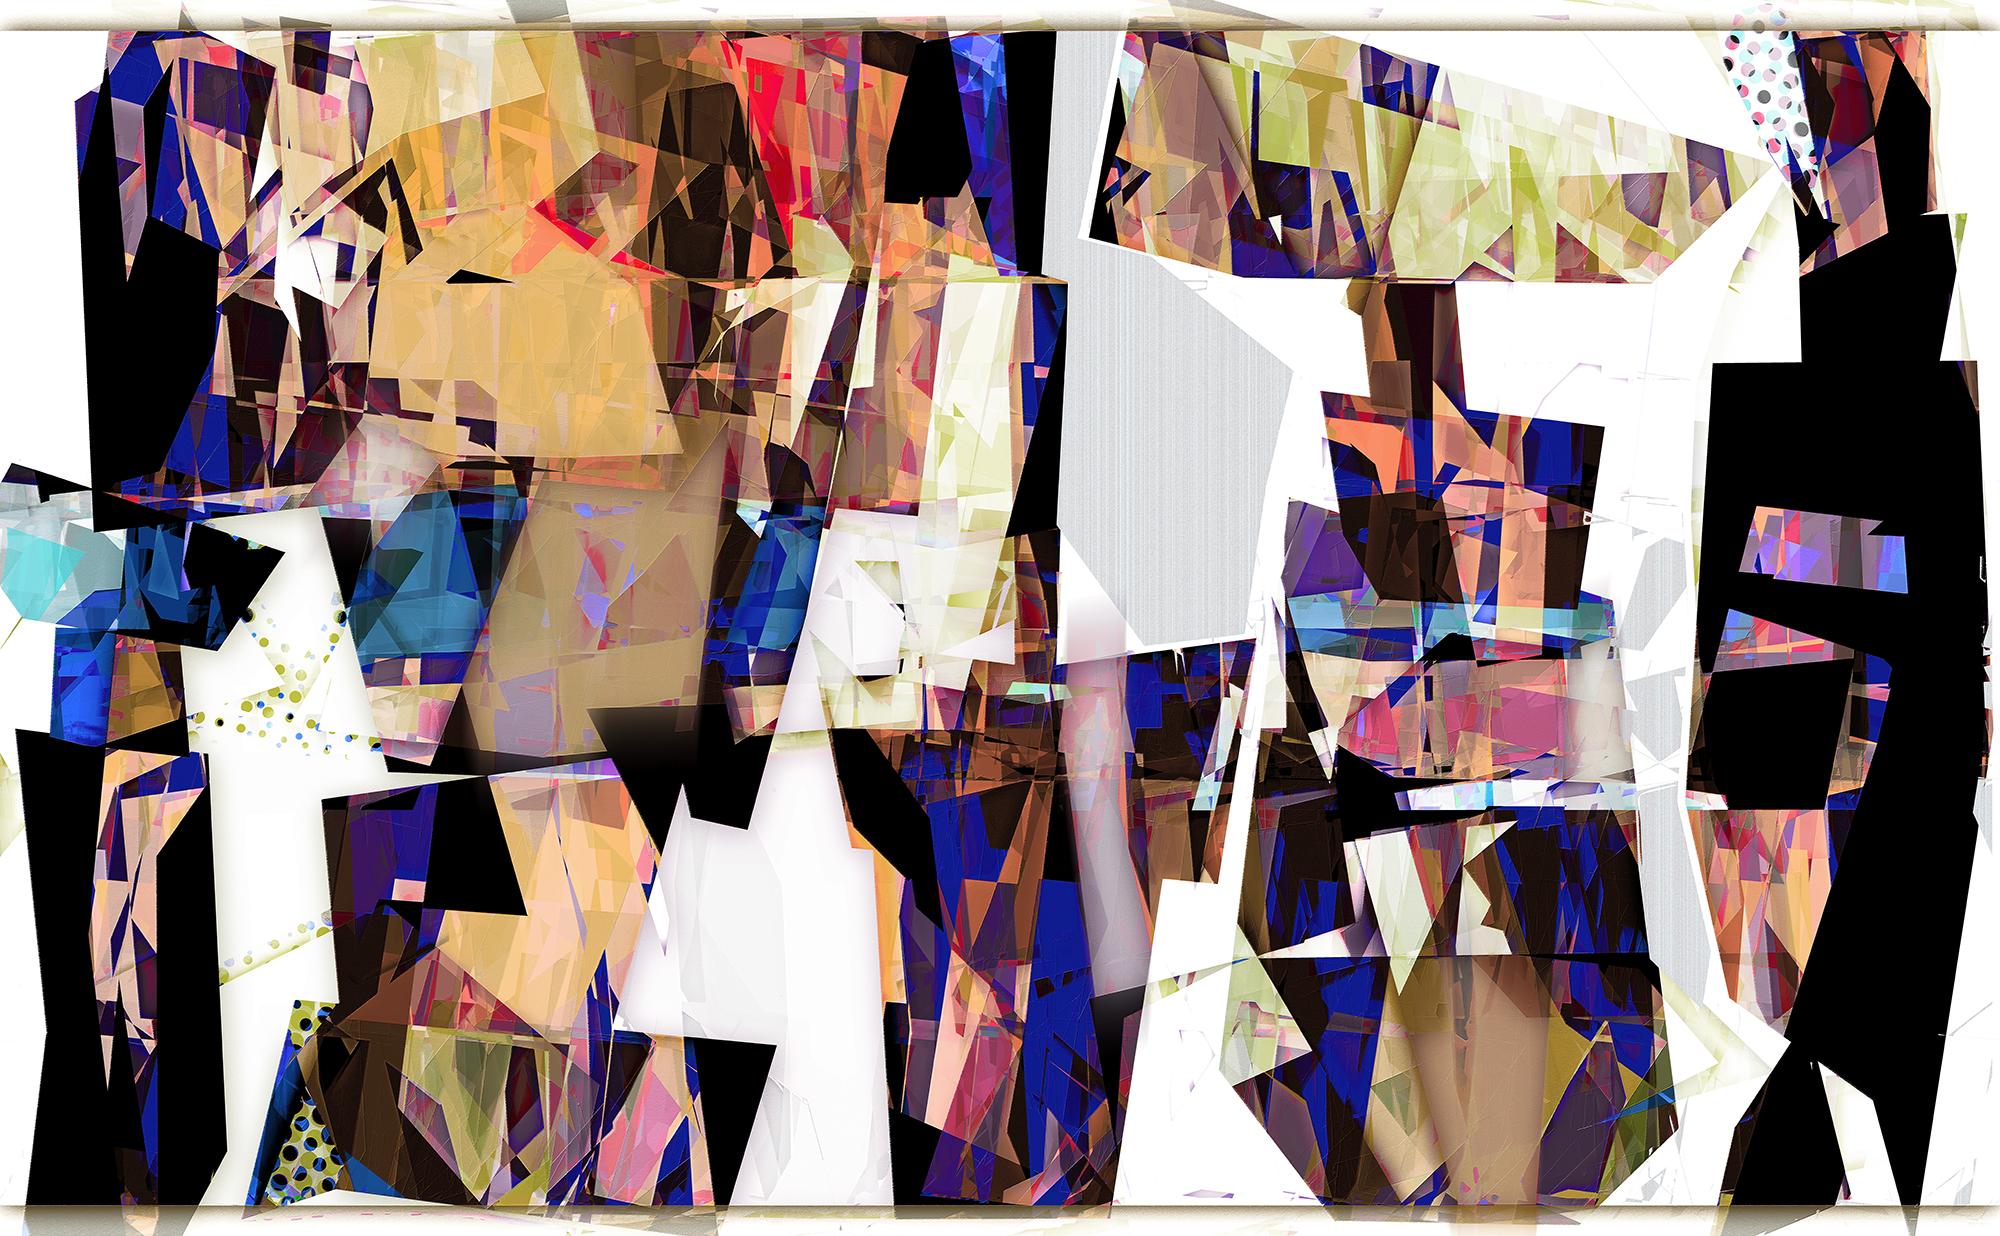 181208 Domestic Puzzle